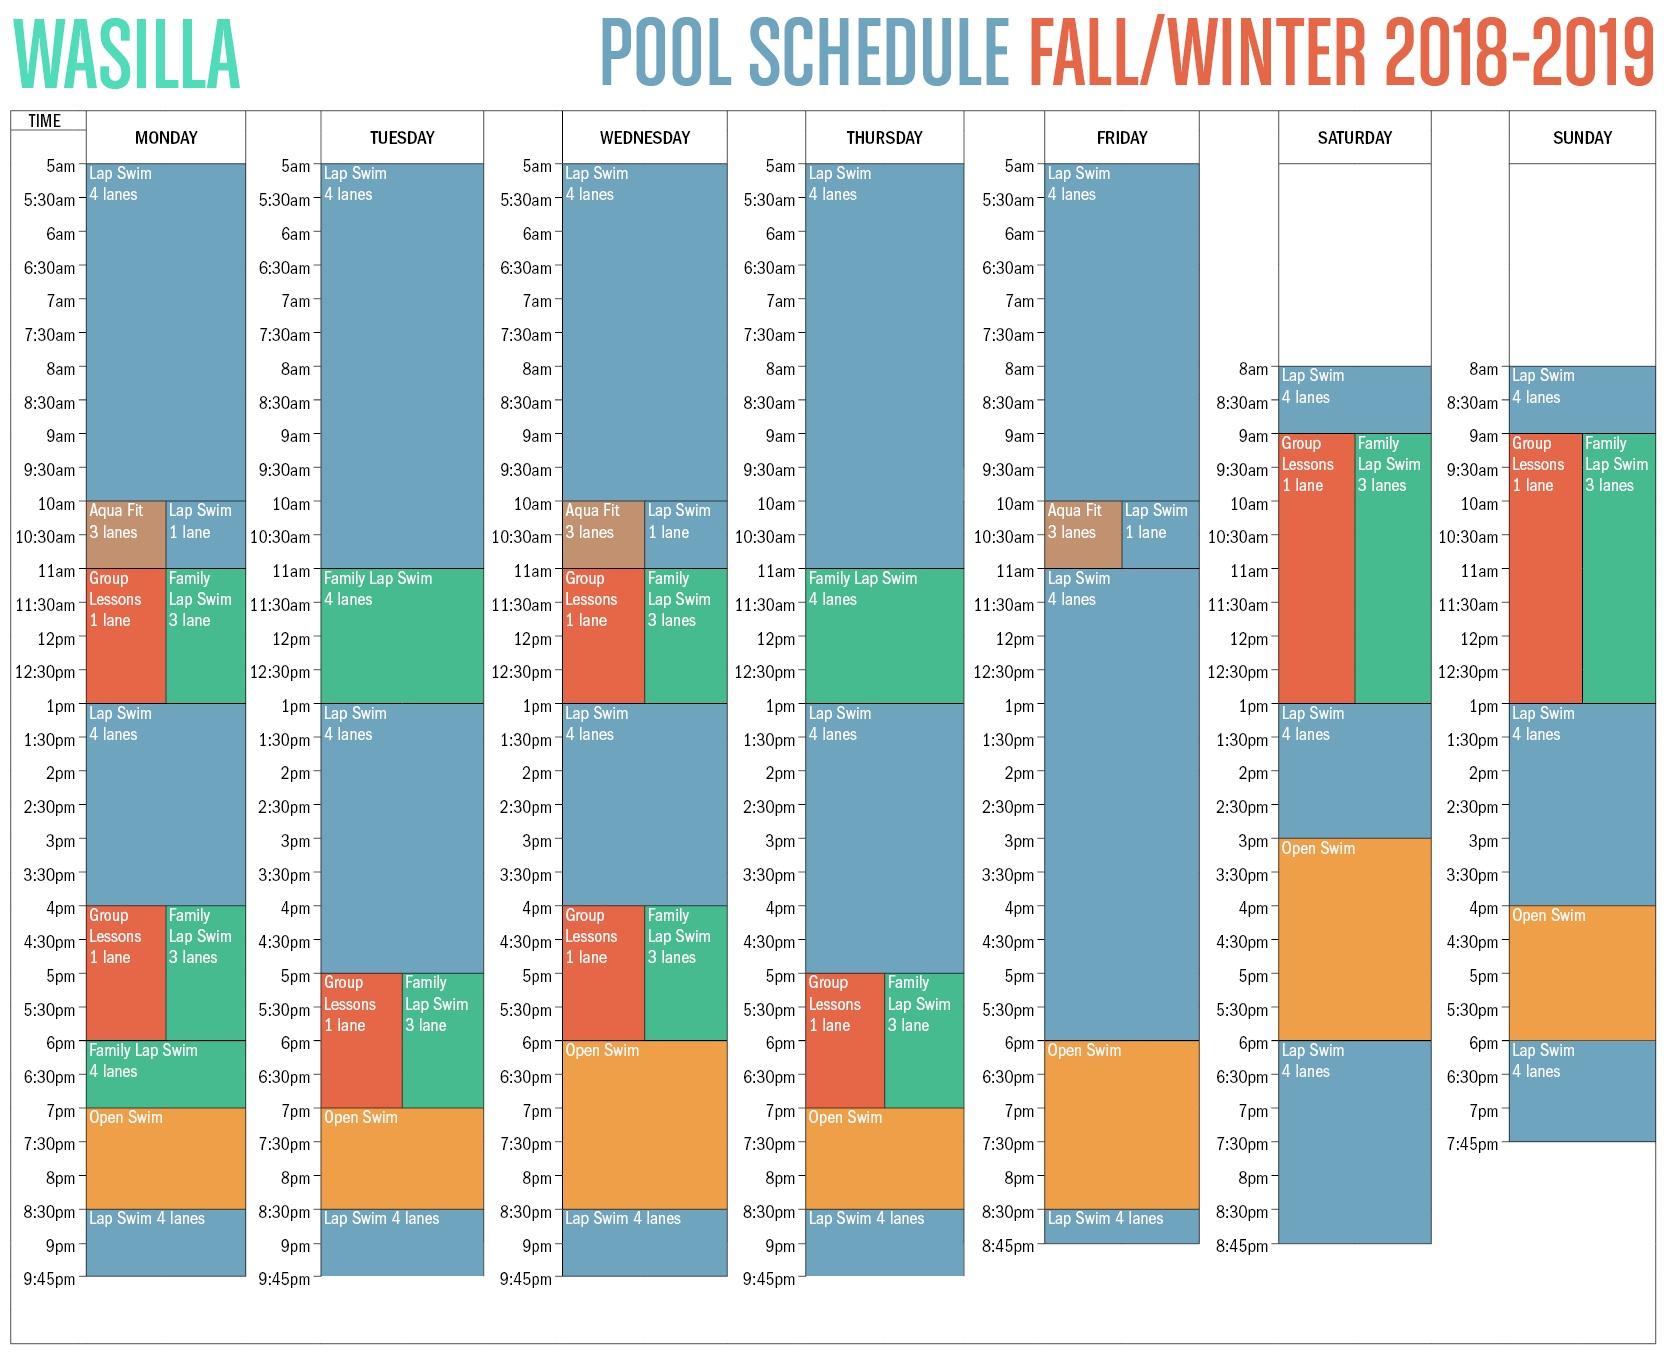 Wasilla 2018 Fall/Winter Pool Schedule